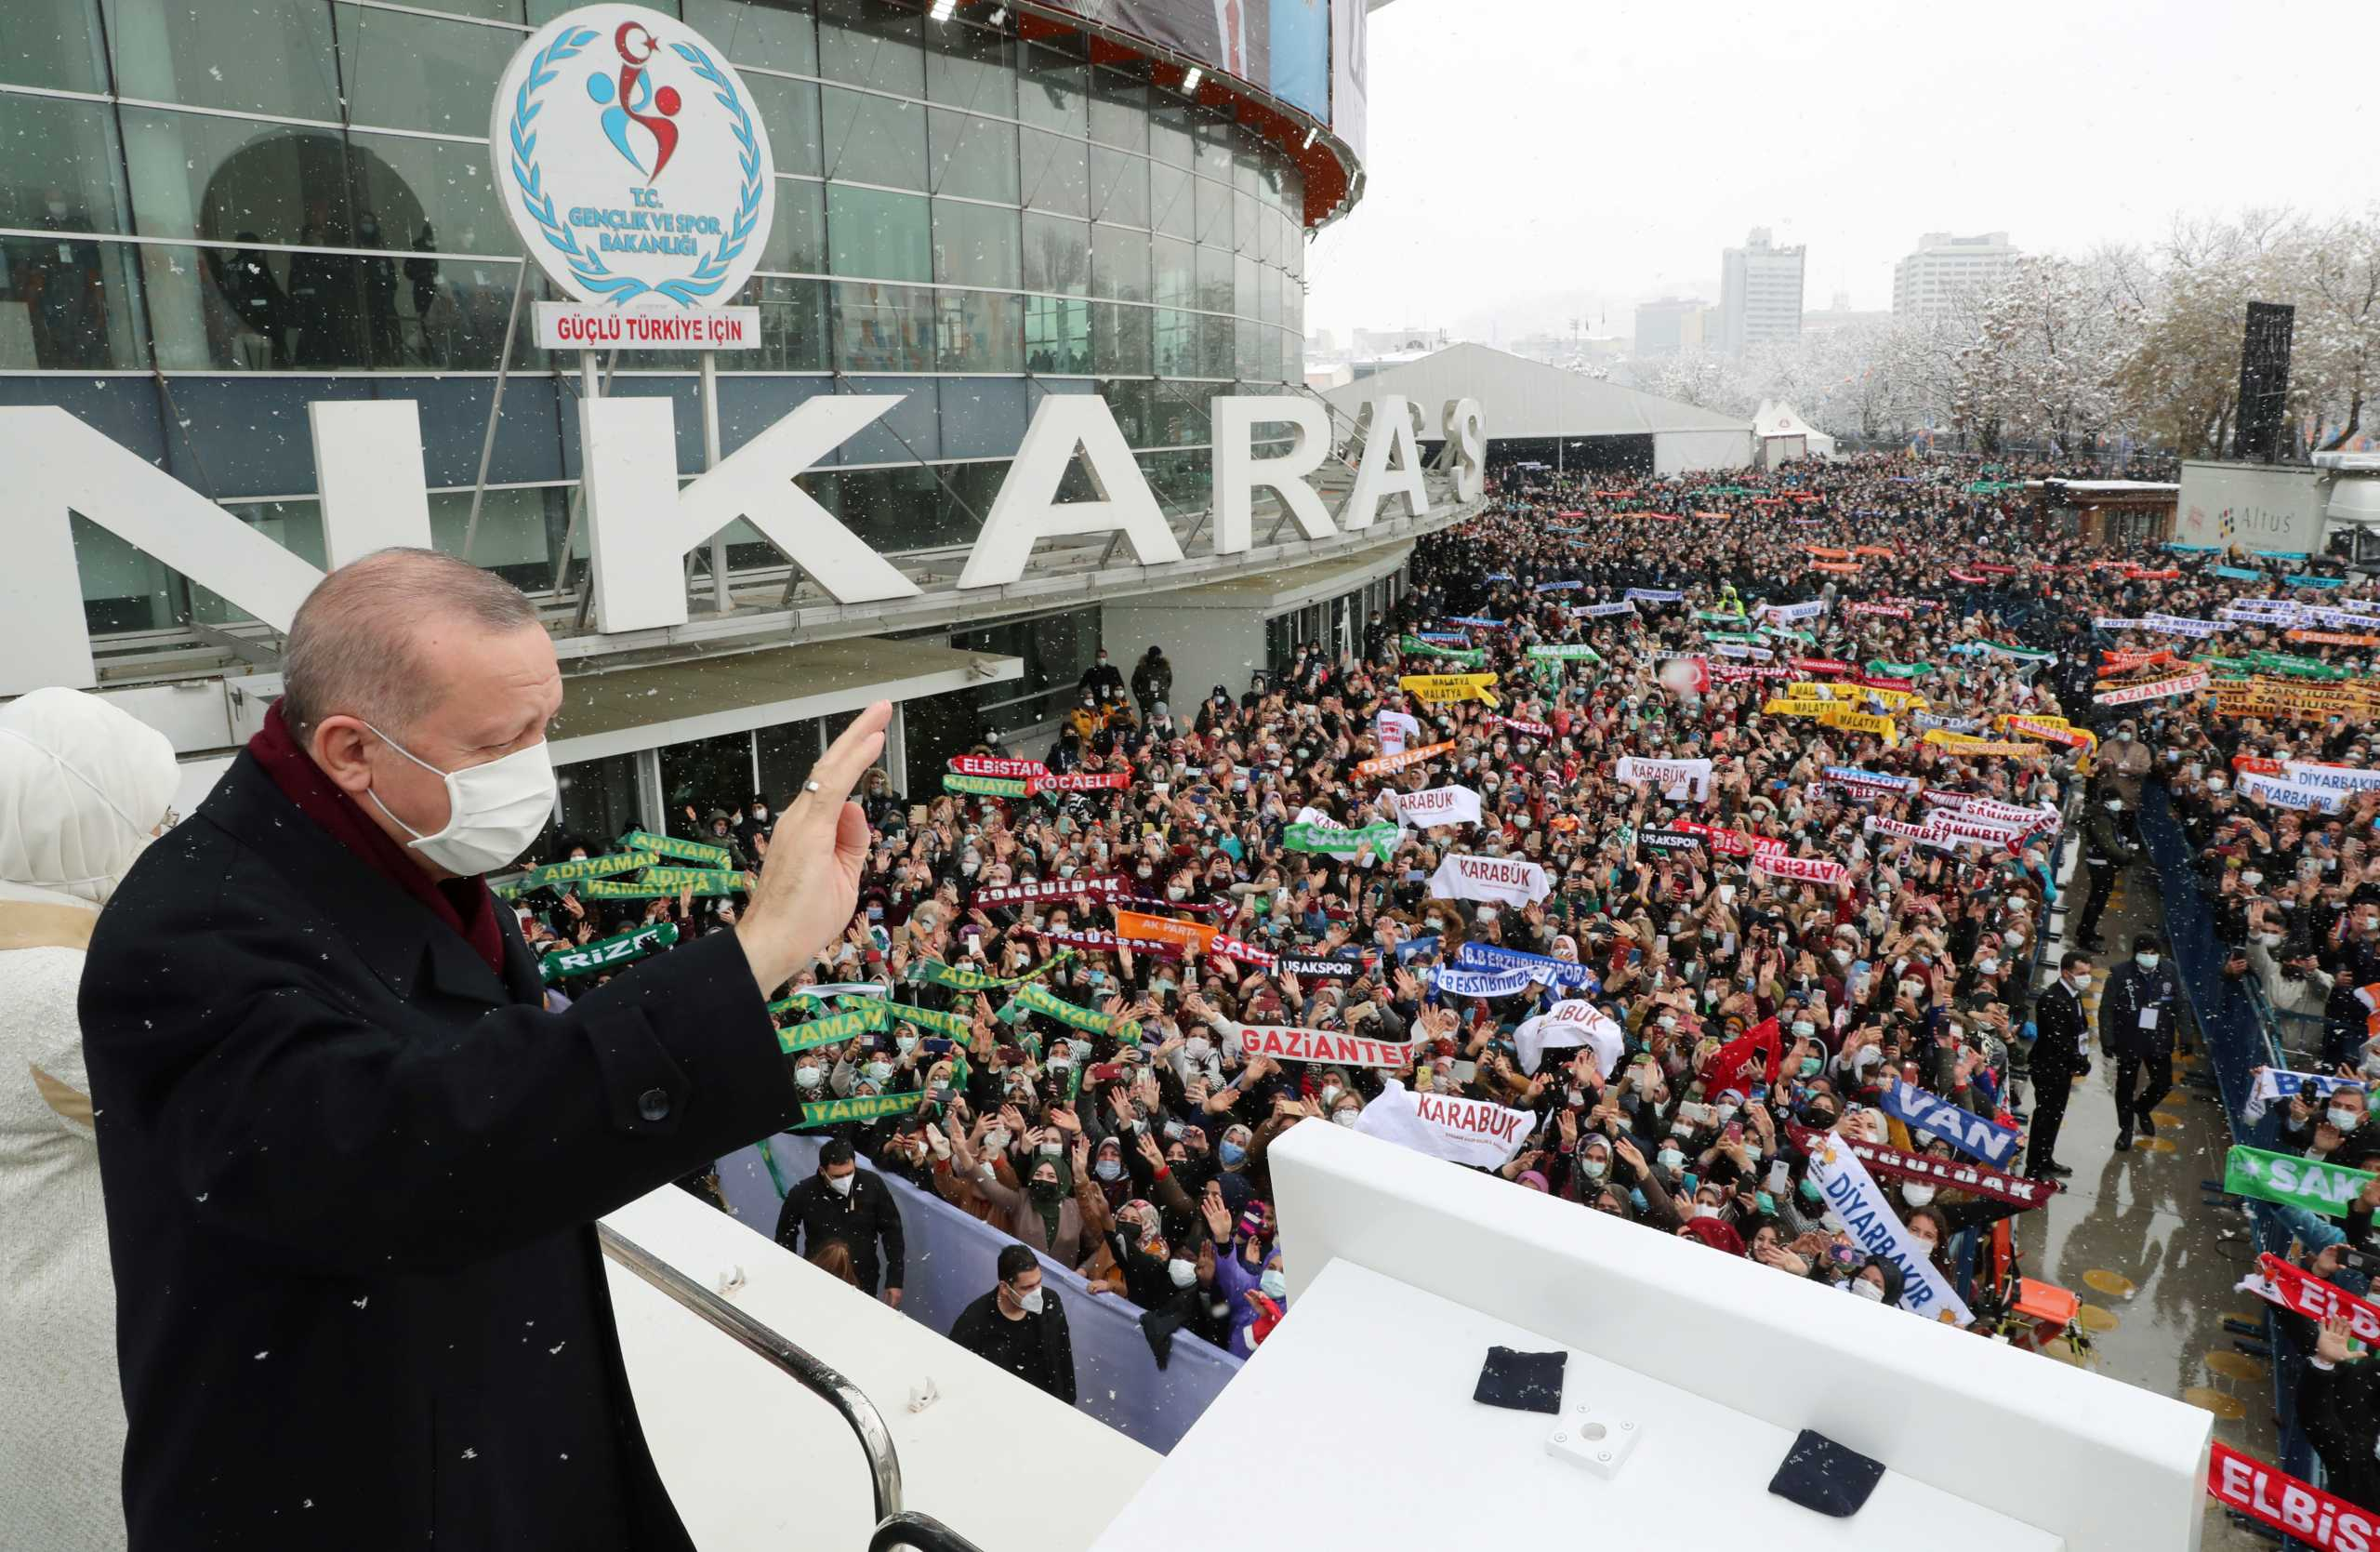 Ο Ερντογάν προανήγγειλε νέο τουρκικό Σύνταγμα – Συνέδριο AKP με τον έναν πάνω στον άλλον (pics, video)